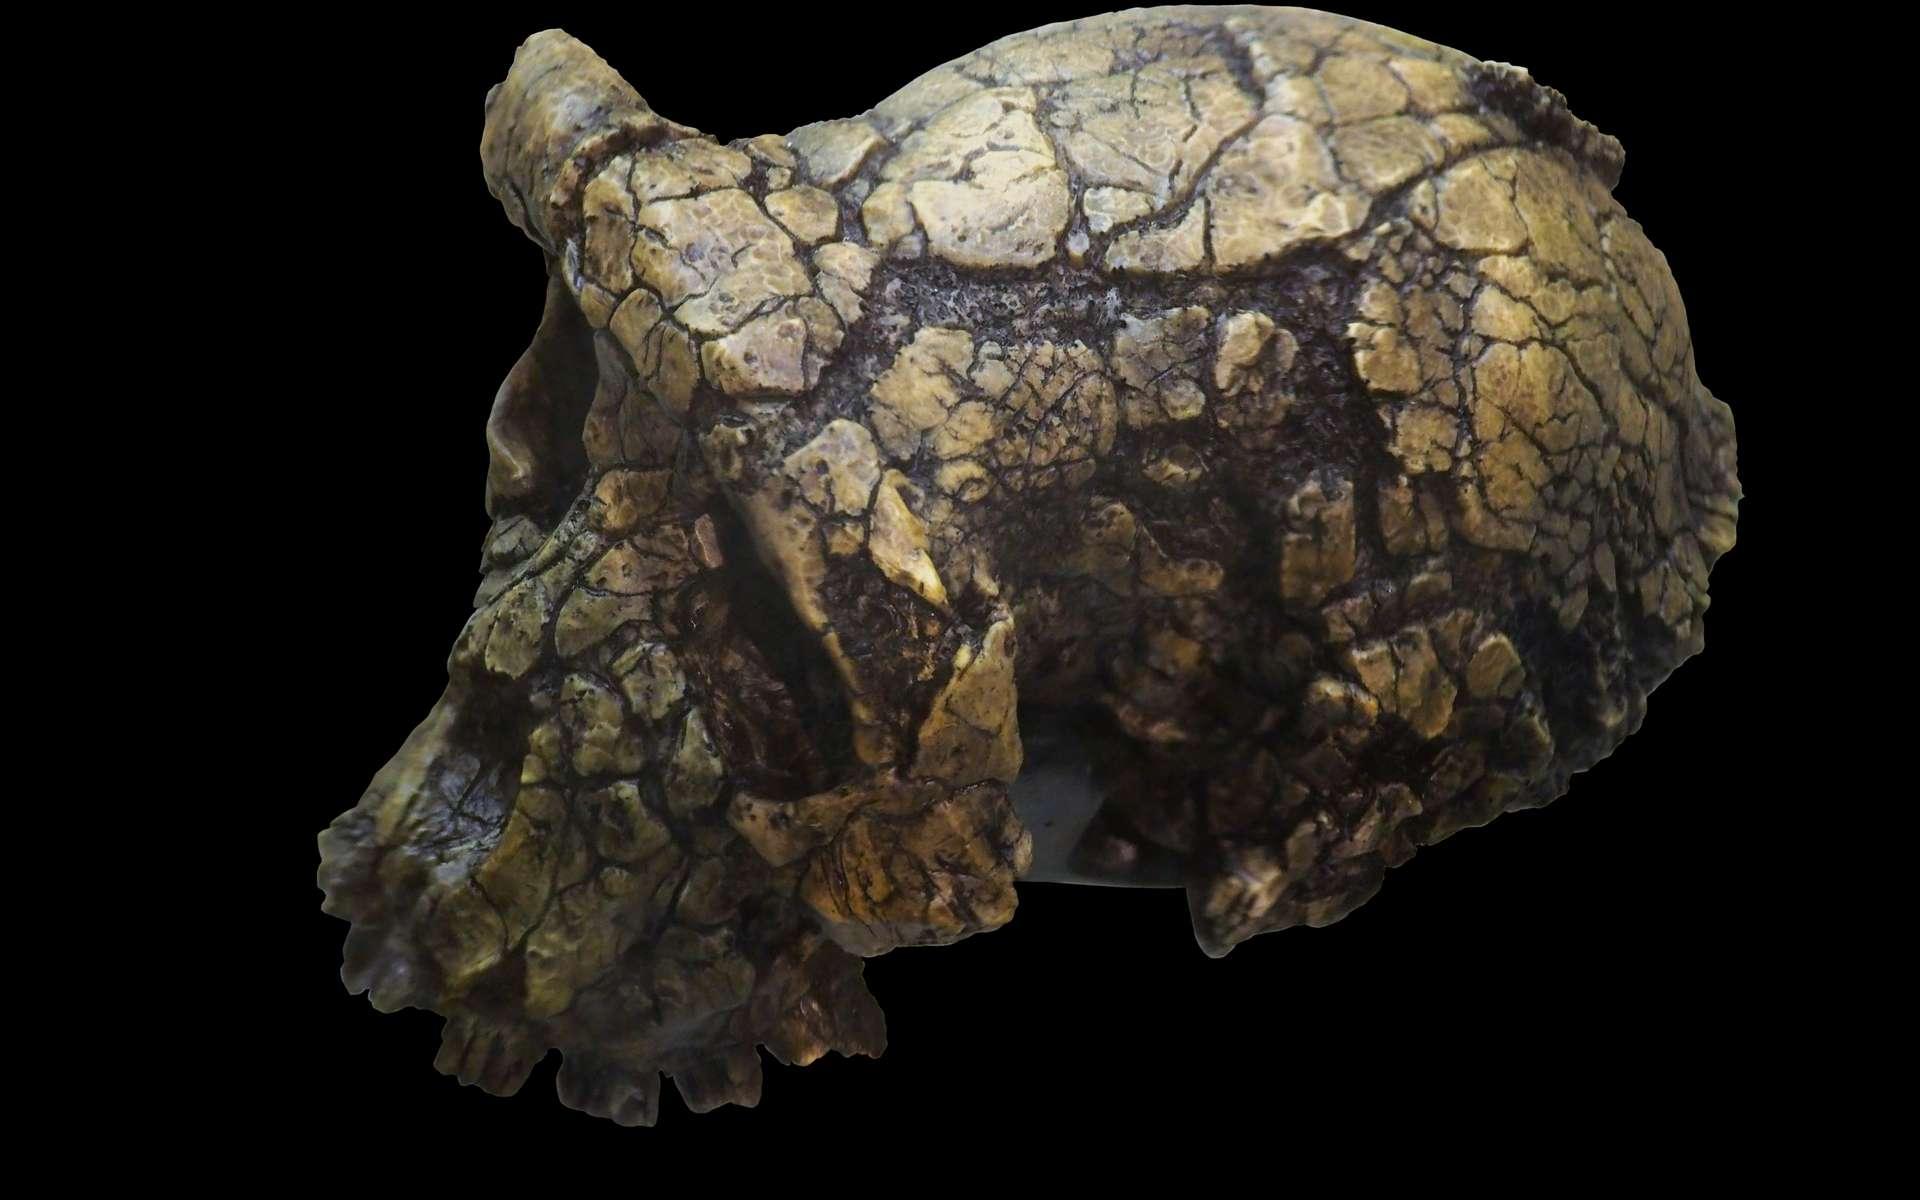 Moulage du crâne de Toumaï, un spécimen fossile appartenant à l'espèce Sahelanthropus tchadensis. © Rama, Wikimedia Commons